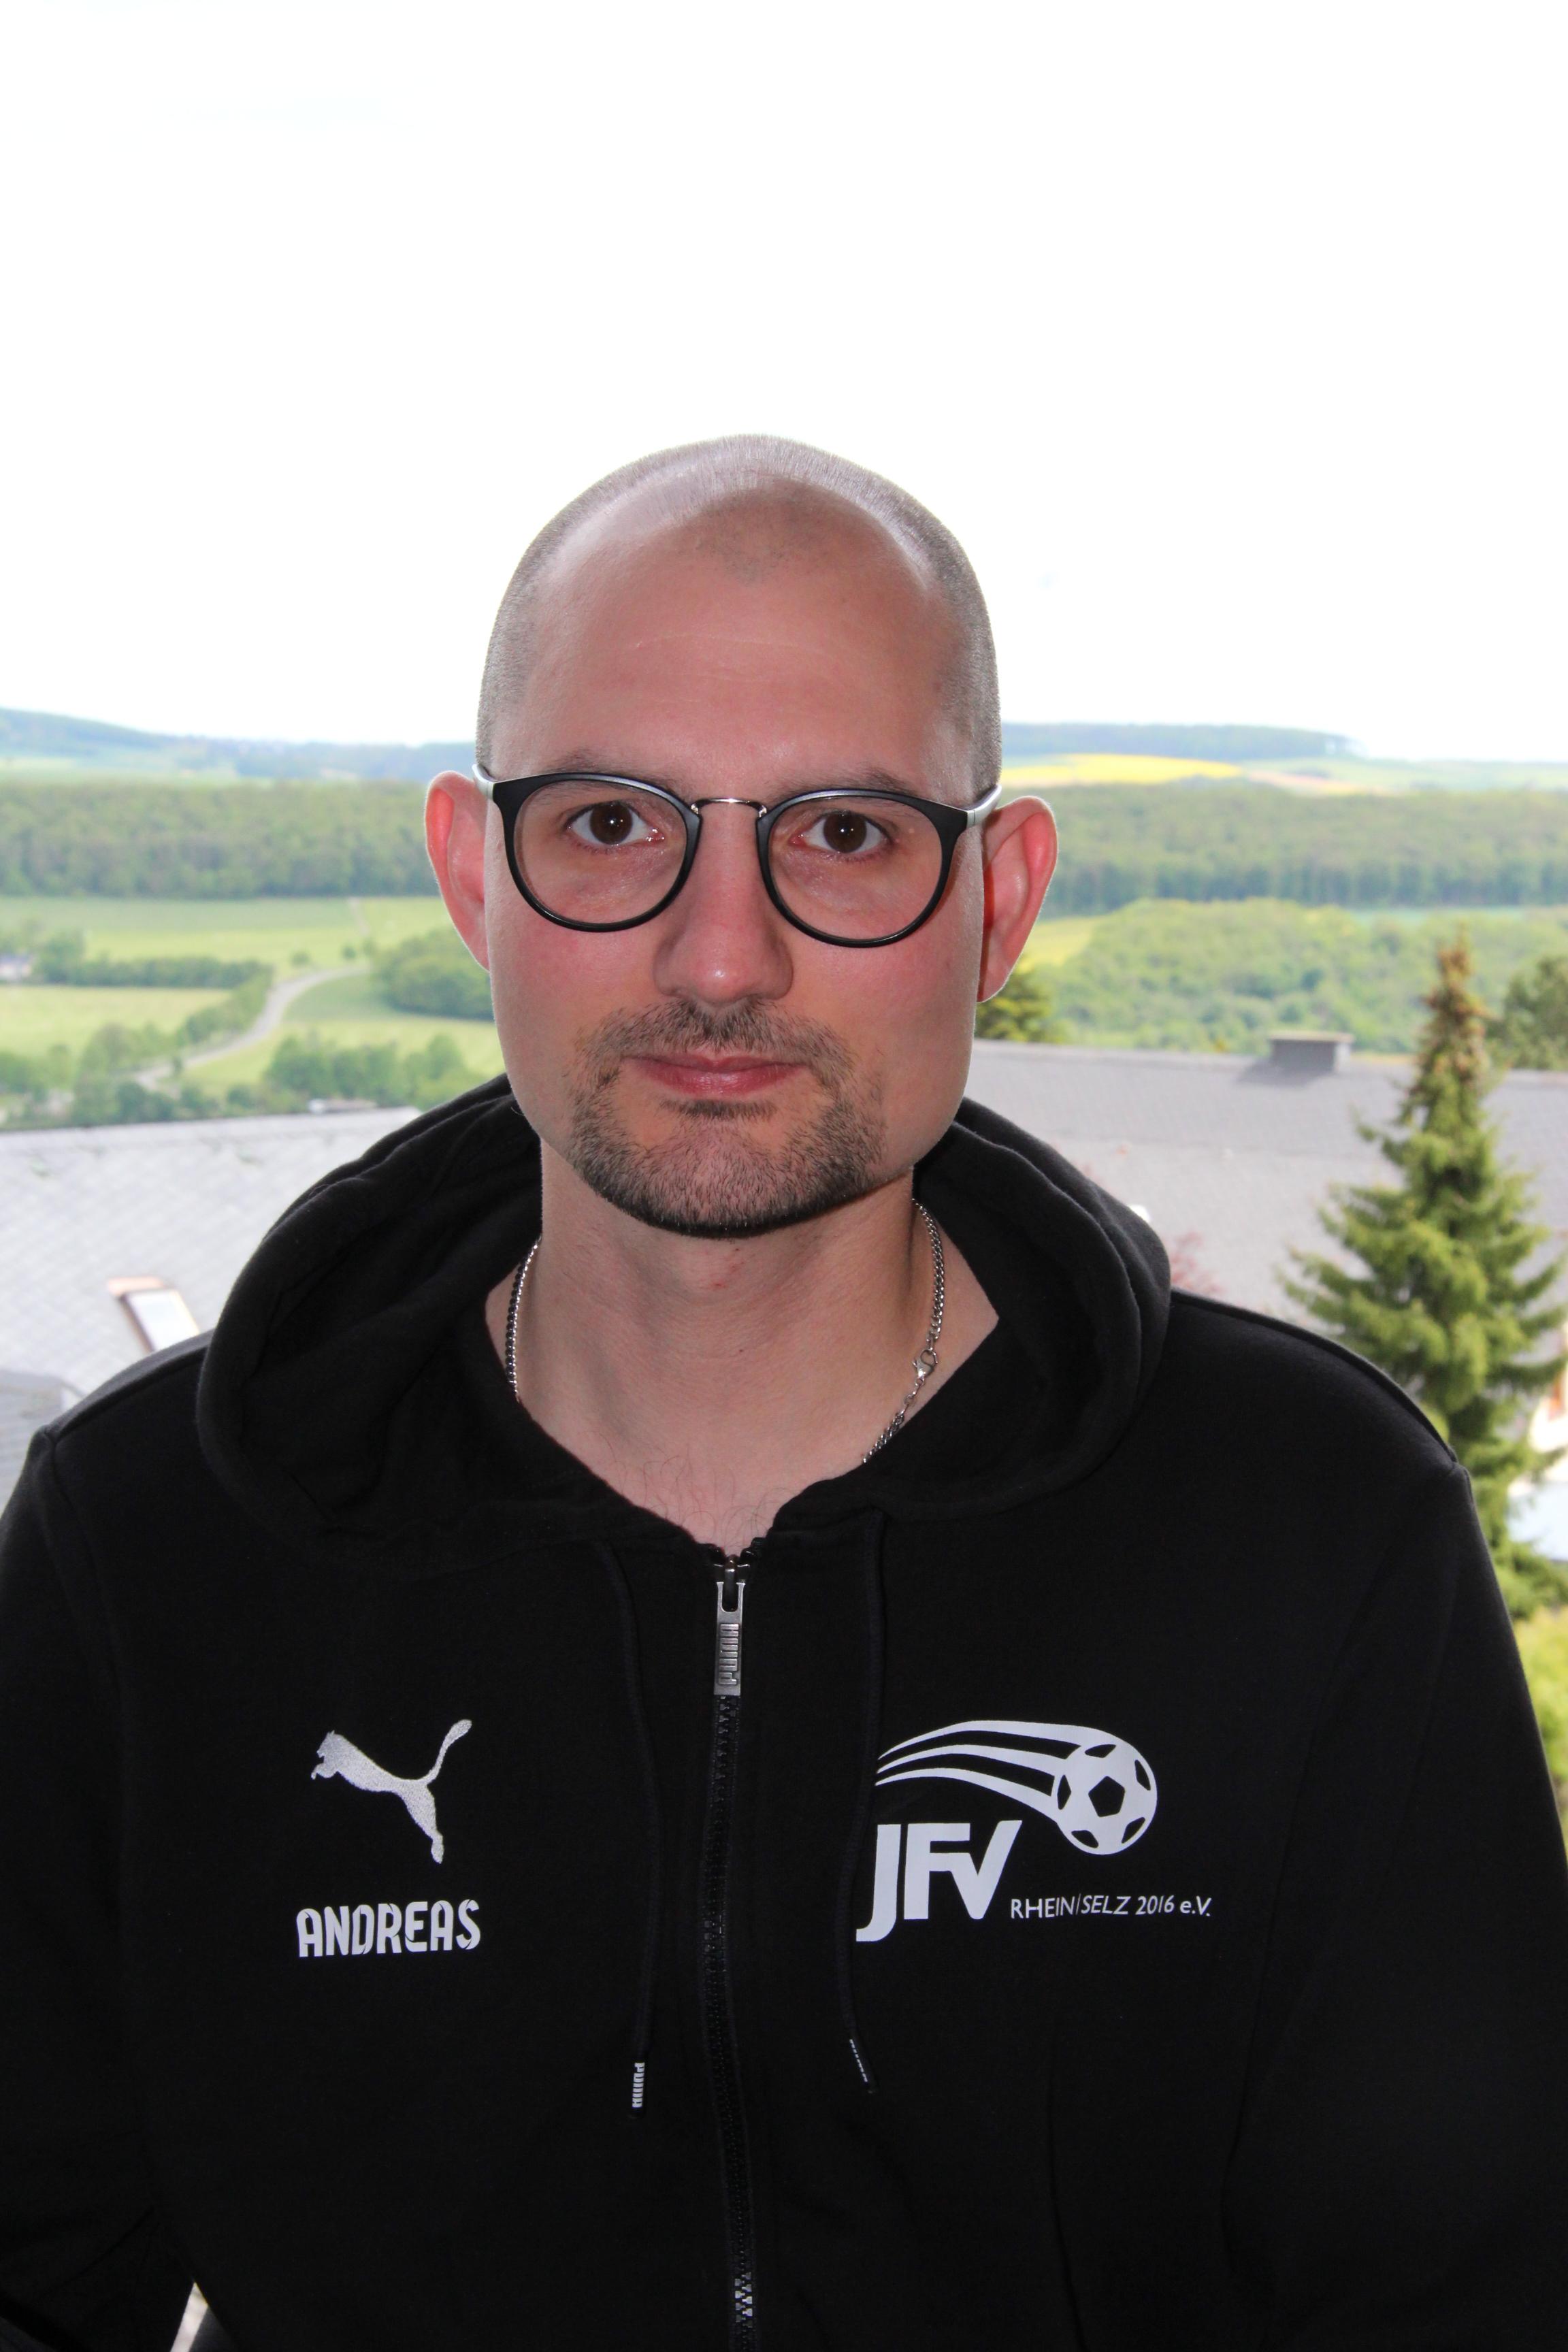 Andreas Igelsbach - 2. Vorsitzender JFV Rhein-Selz 2016 e.V.